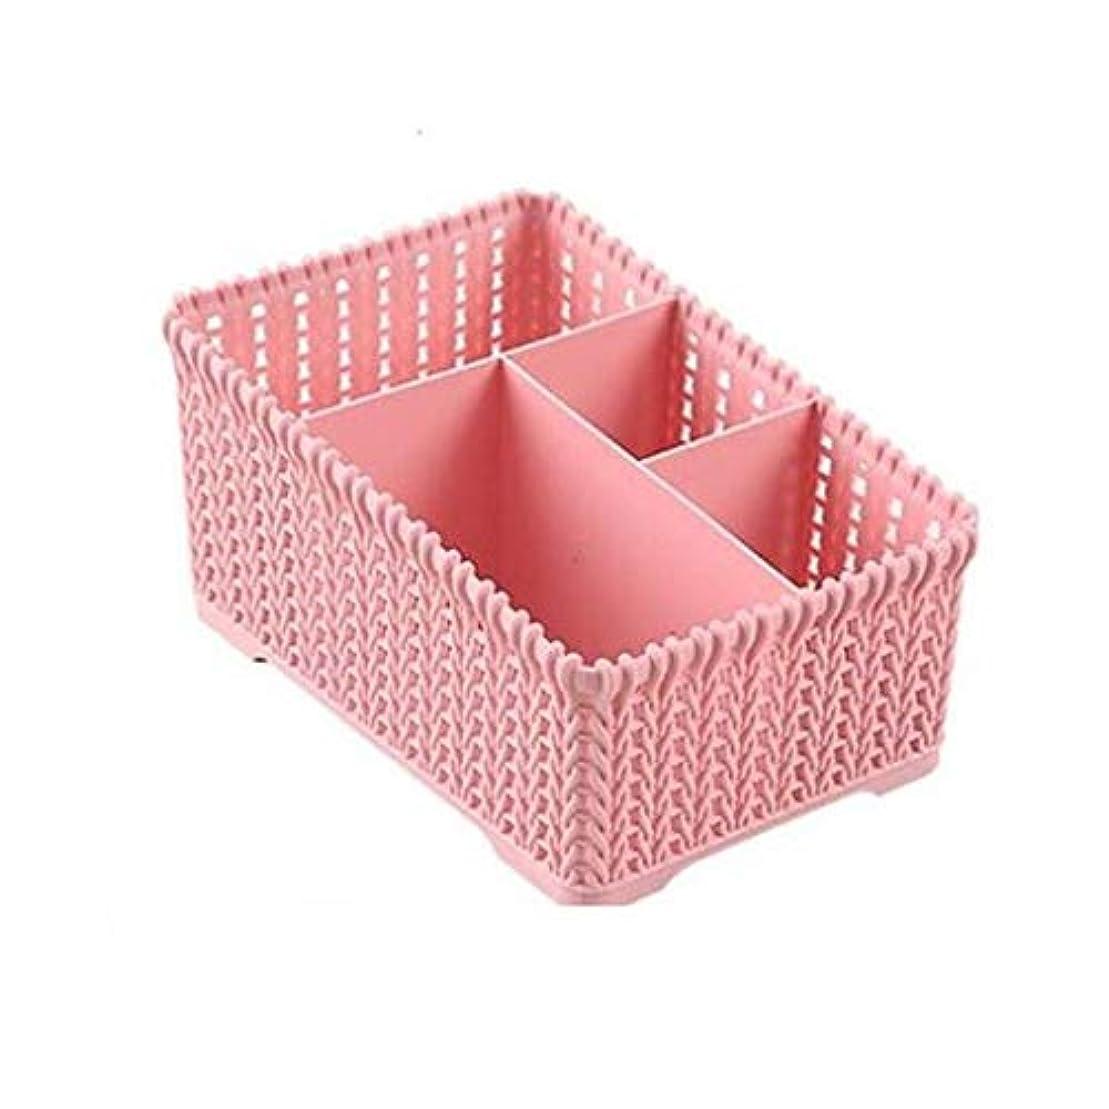 サイレン死すべき厄介なプラスチックデスクトップ収納ボックスコンパートメント籐オフィスデブリ収納化粧品ラック (Color : Pink)